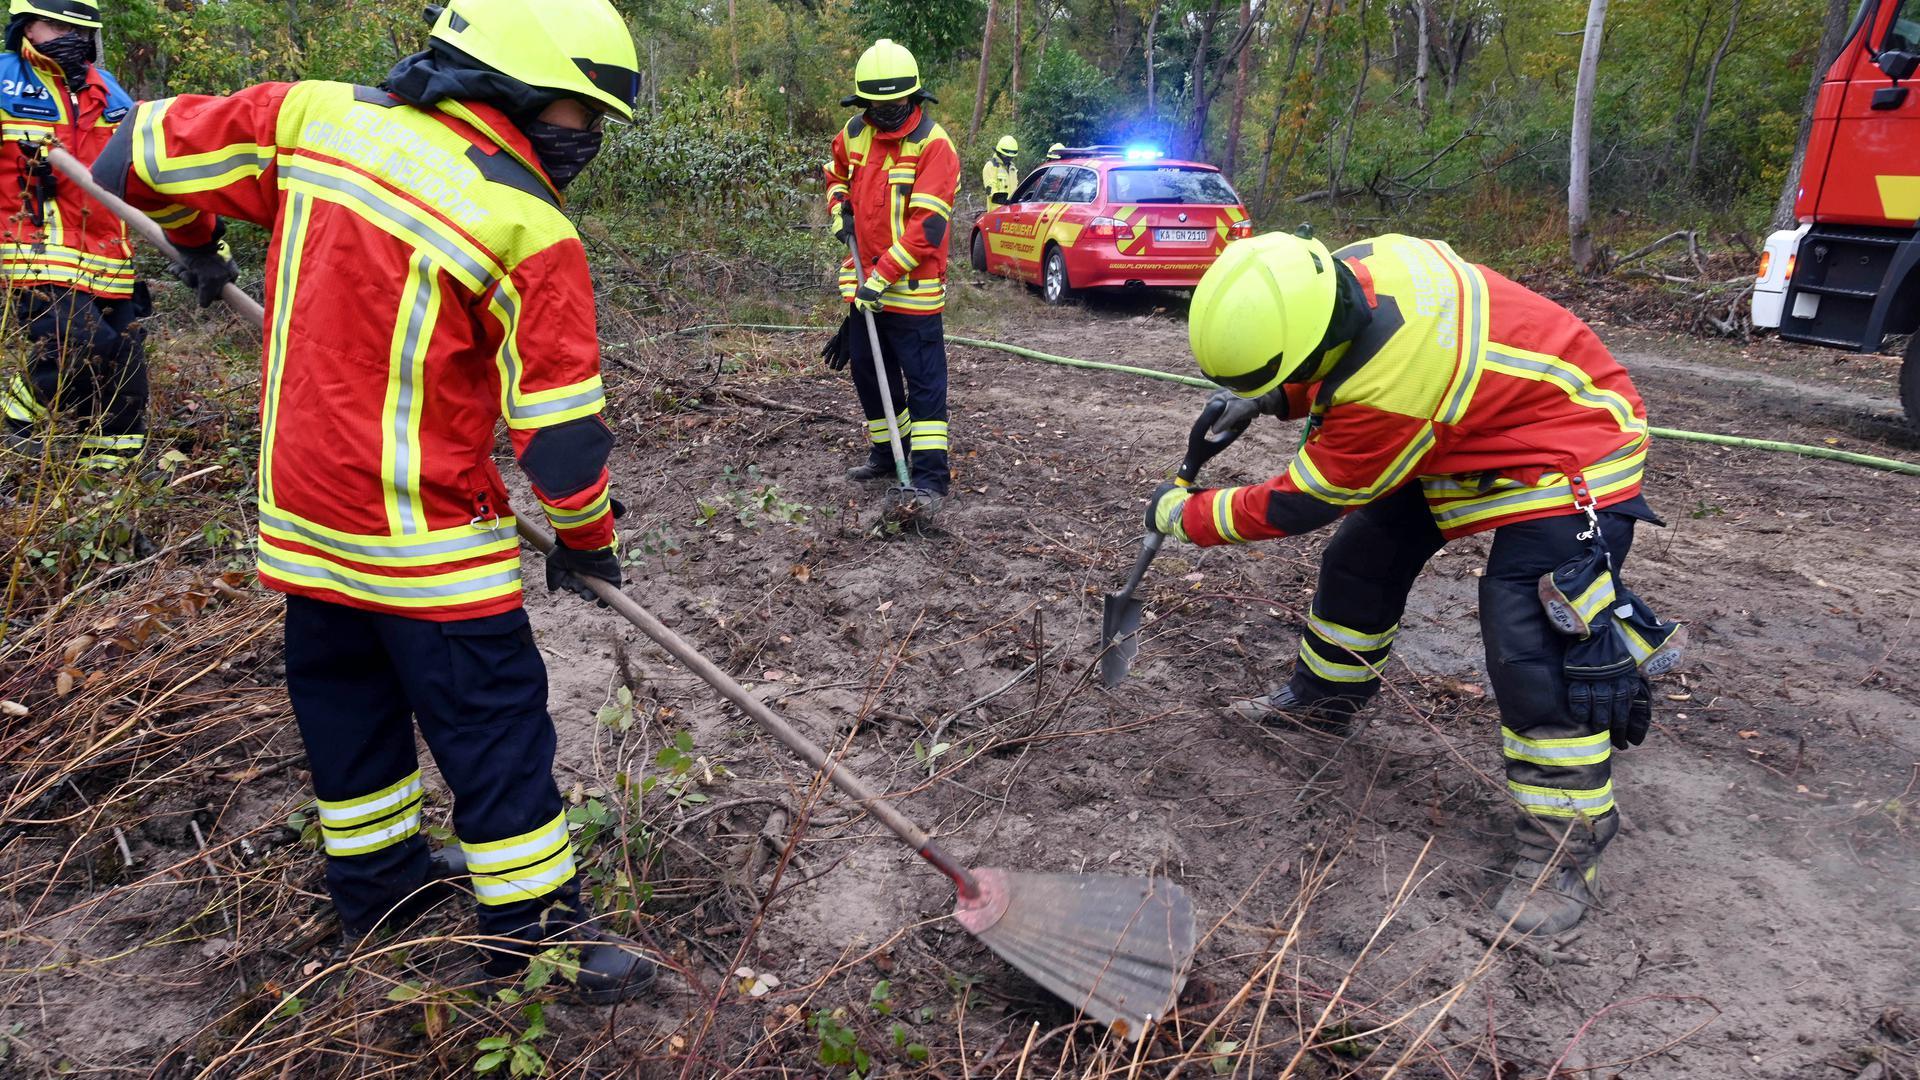 Angehörige der freiwilligen Feuerwehr Graben-Neudorf demonstrieren in einem Wald bei Bruchsal wie eine Brandschneise im Boden erstellt wird . Anlass war eine Pressekonferenz, bei der über die Modellregion integriertes Waldbrandmanagement informiert wurde.